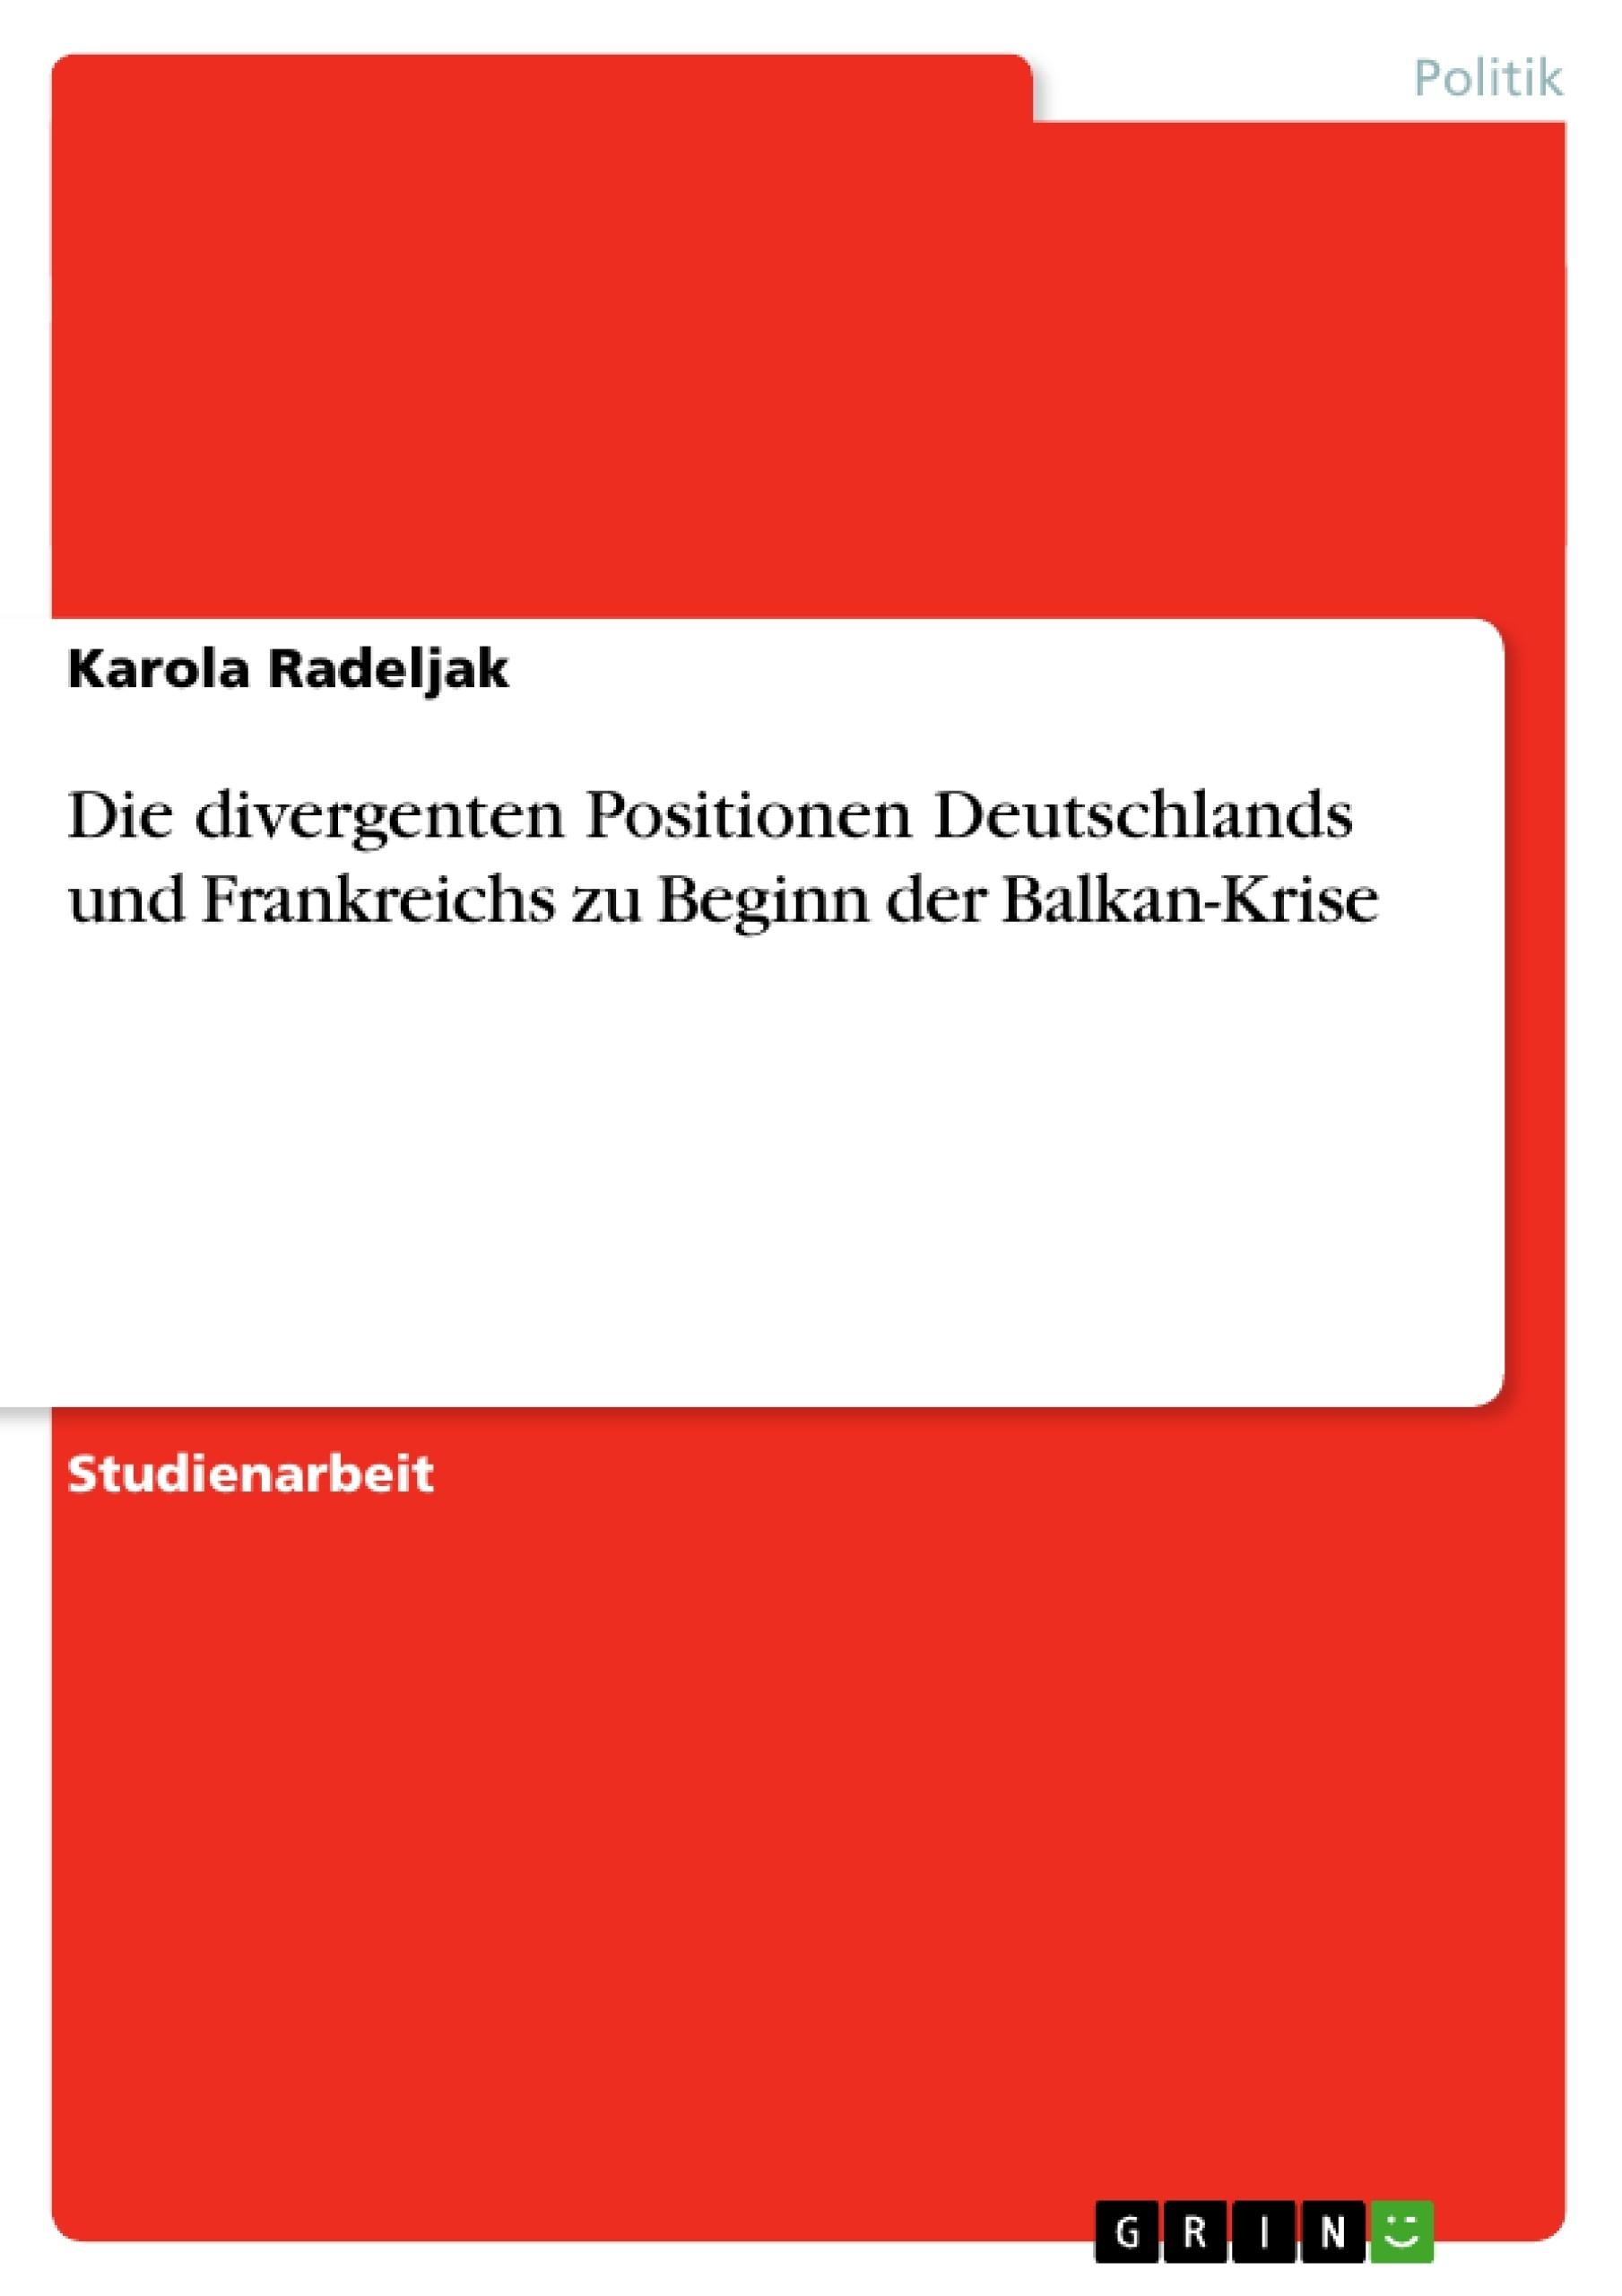 Titel: Die divergenten Positionen Deutschlands und Frankreichs zu Beginn der Balkan-Krise